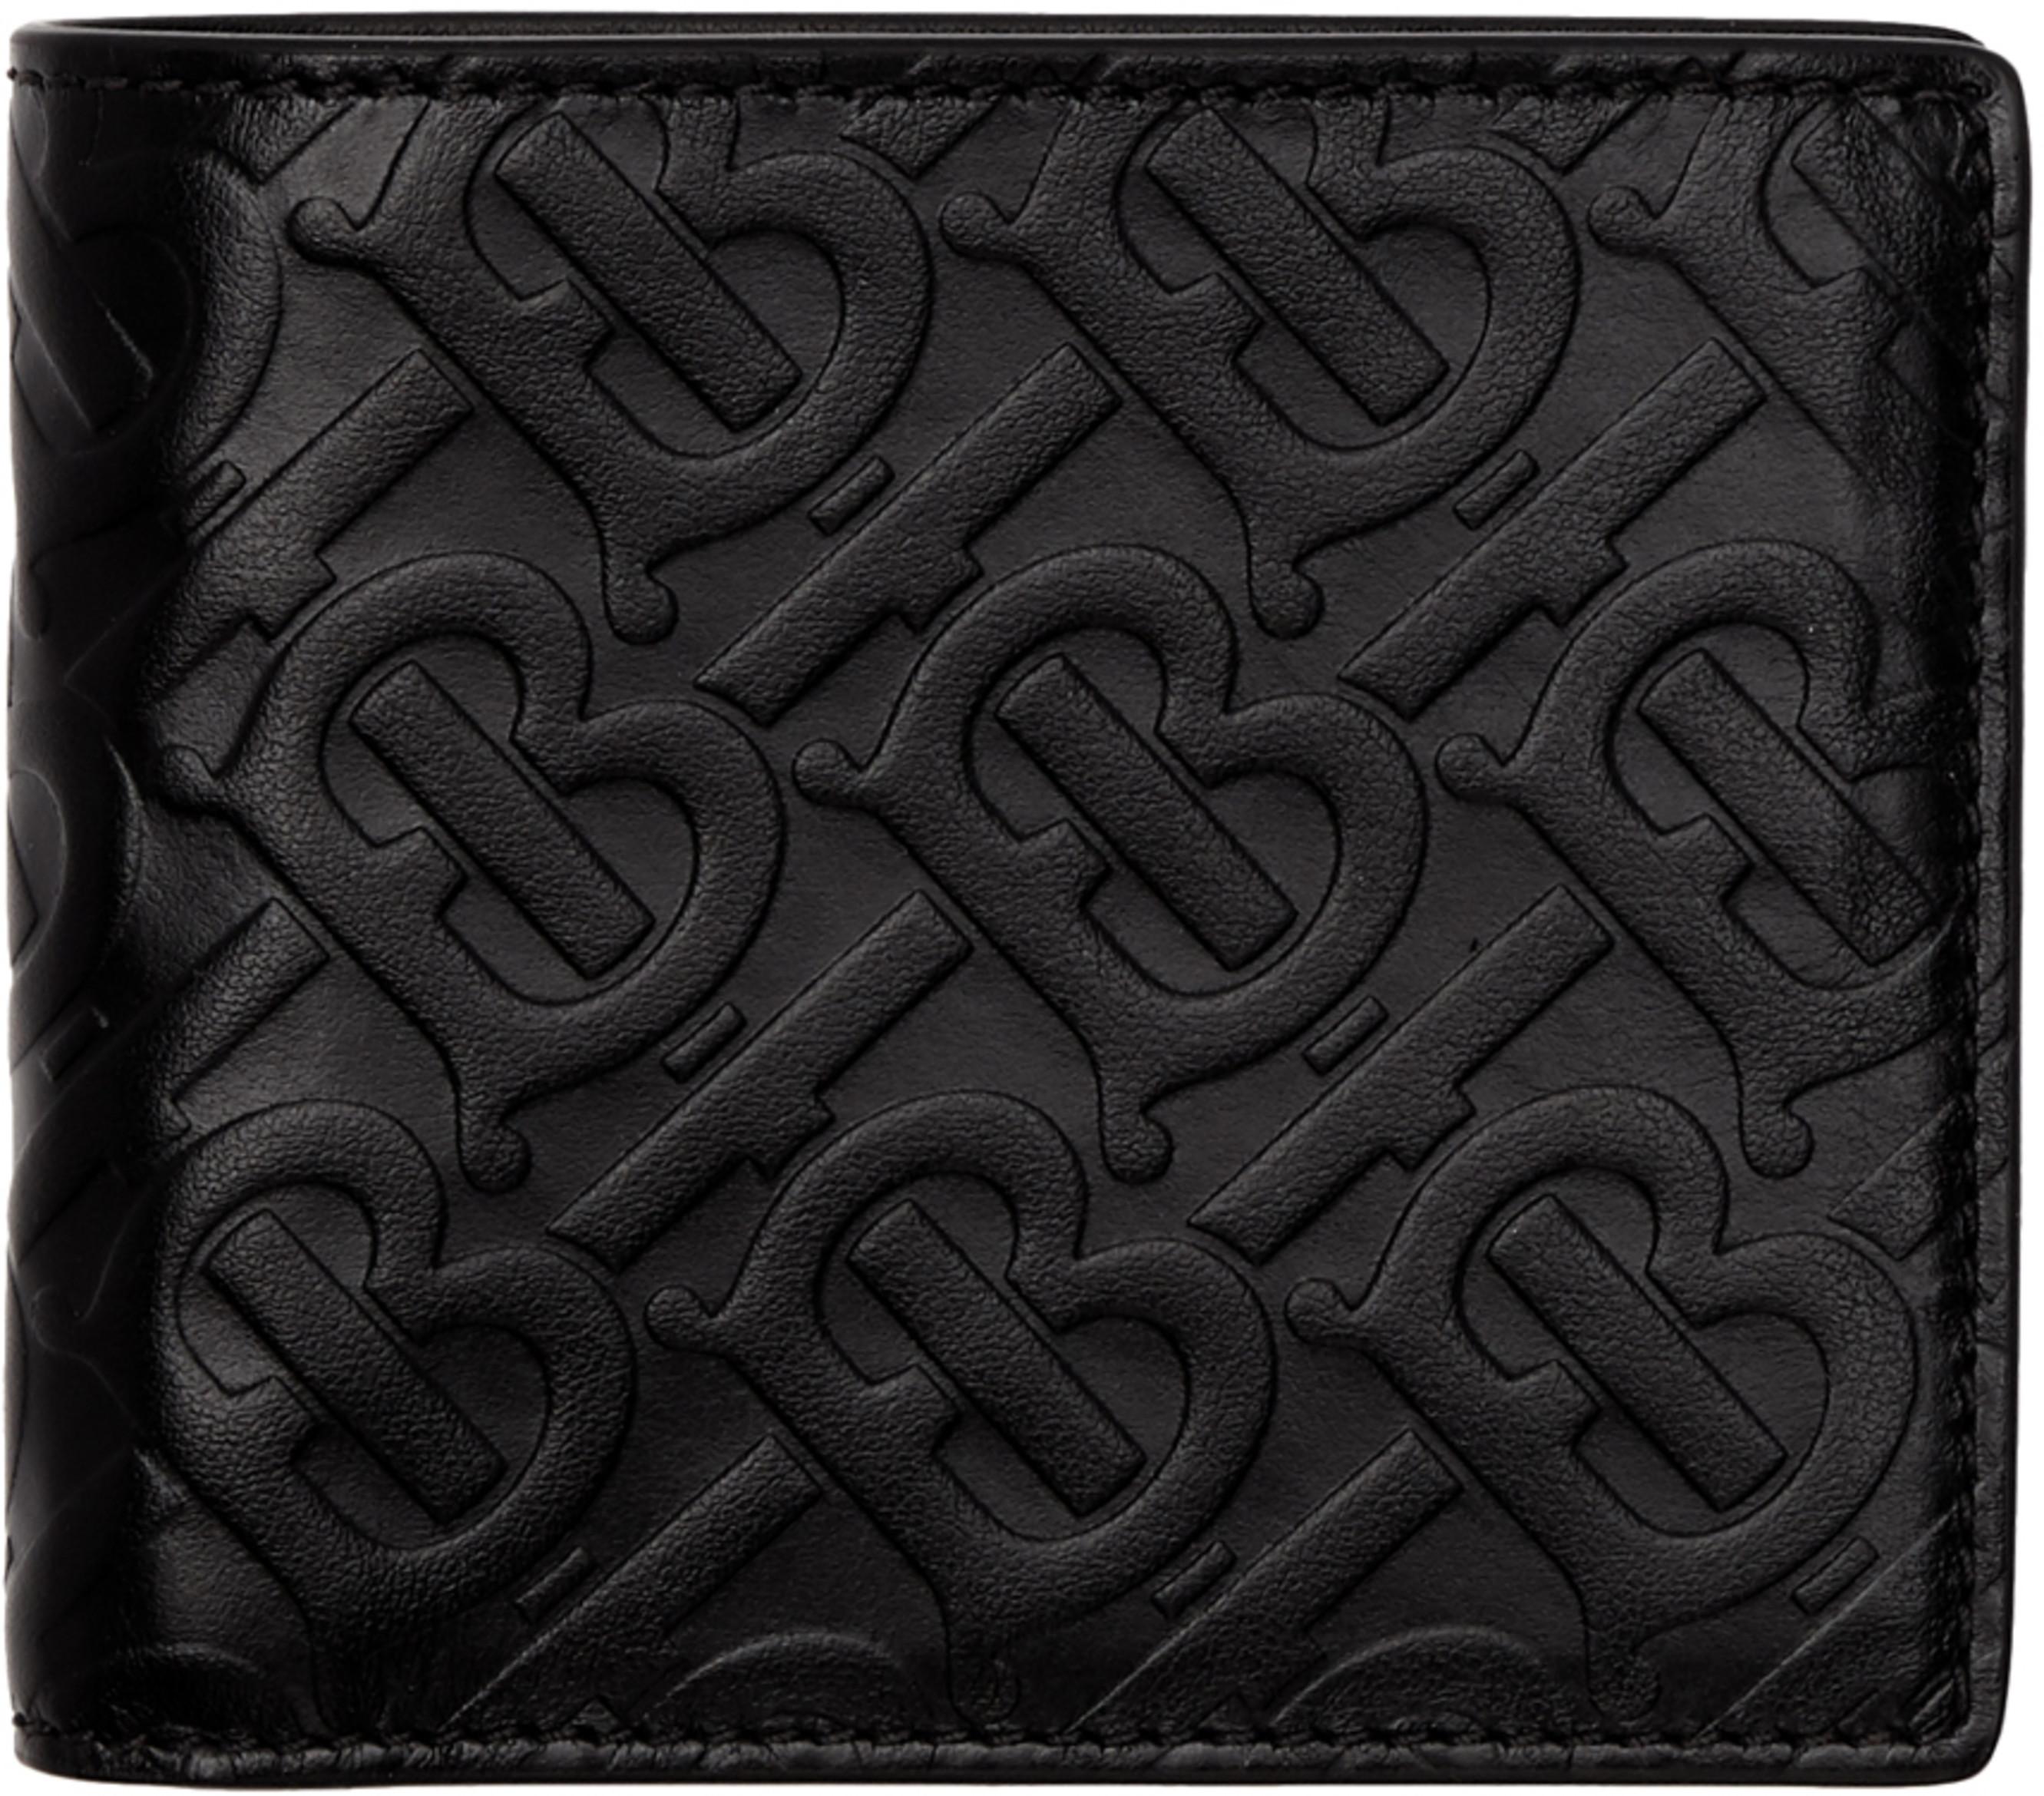 ad6055519e7 Designer wallets for Men